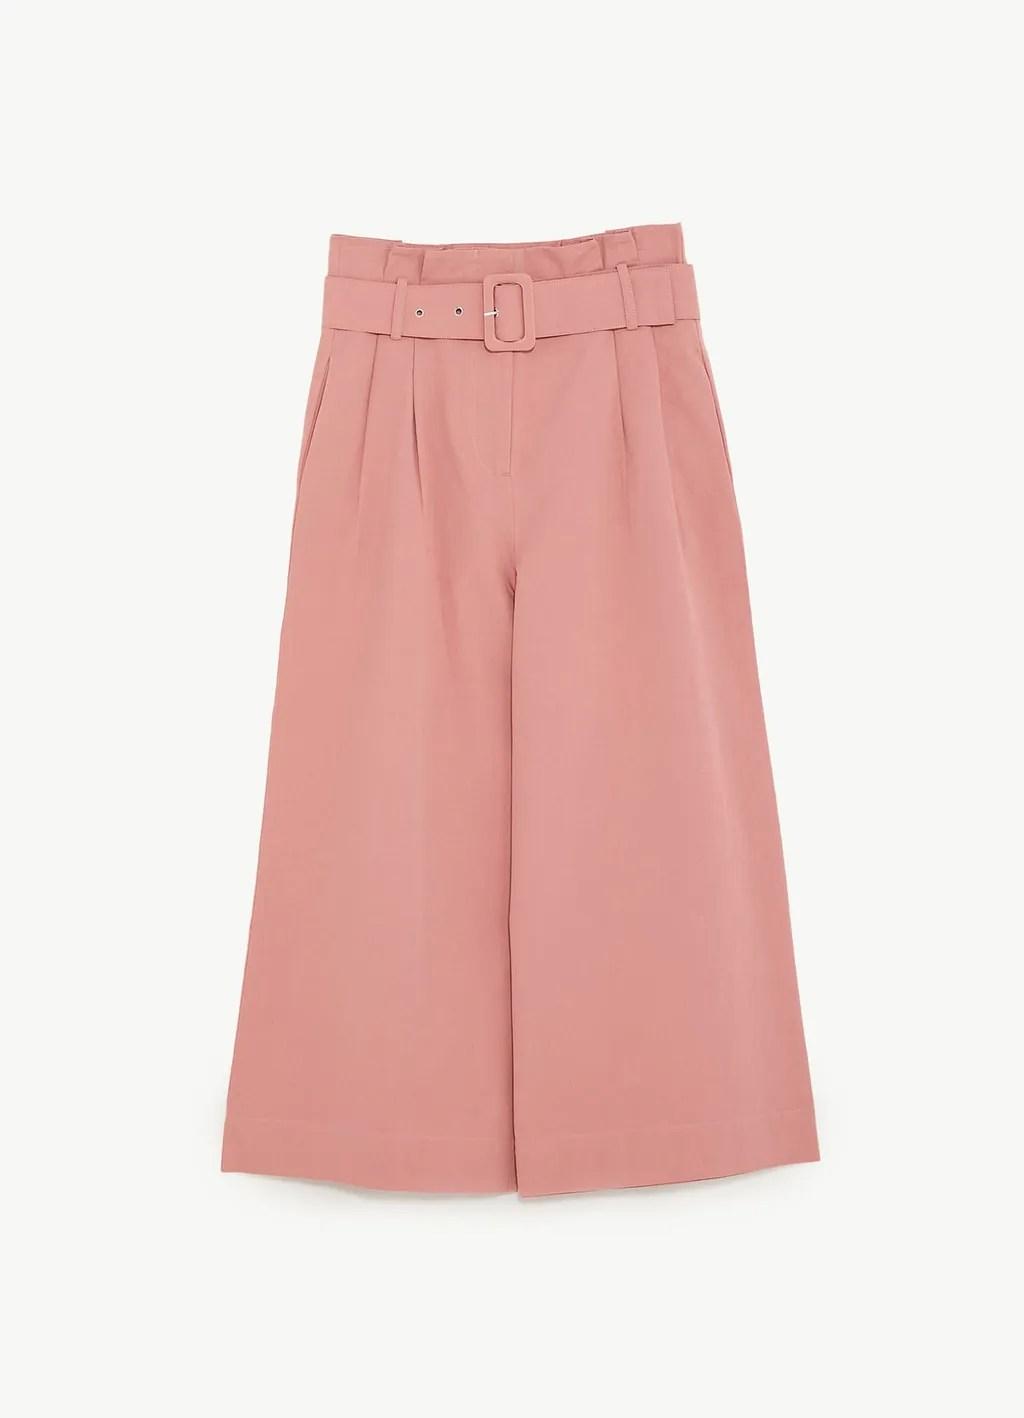 Spring 2018 Wardrobe Essentials: Belted Trouser